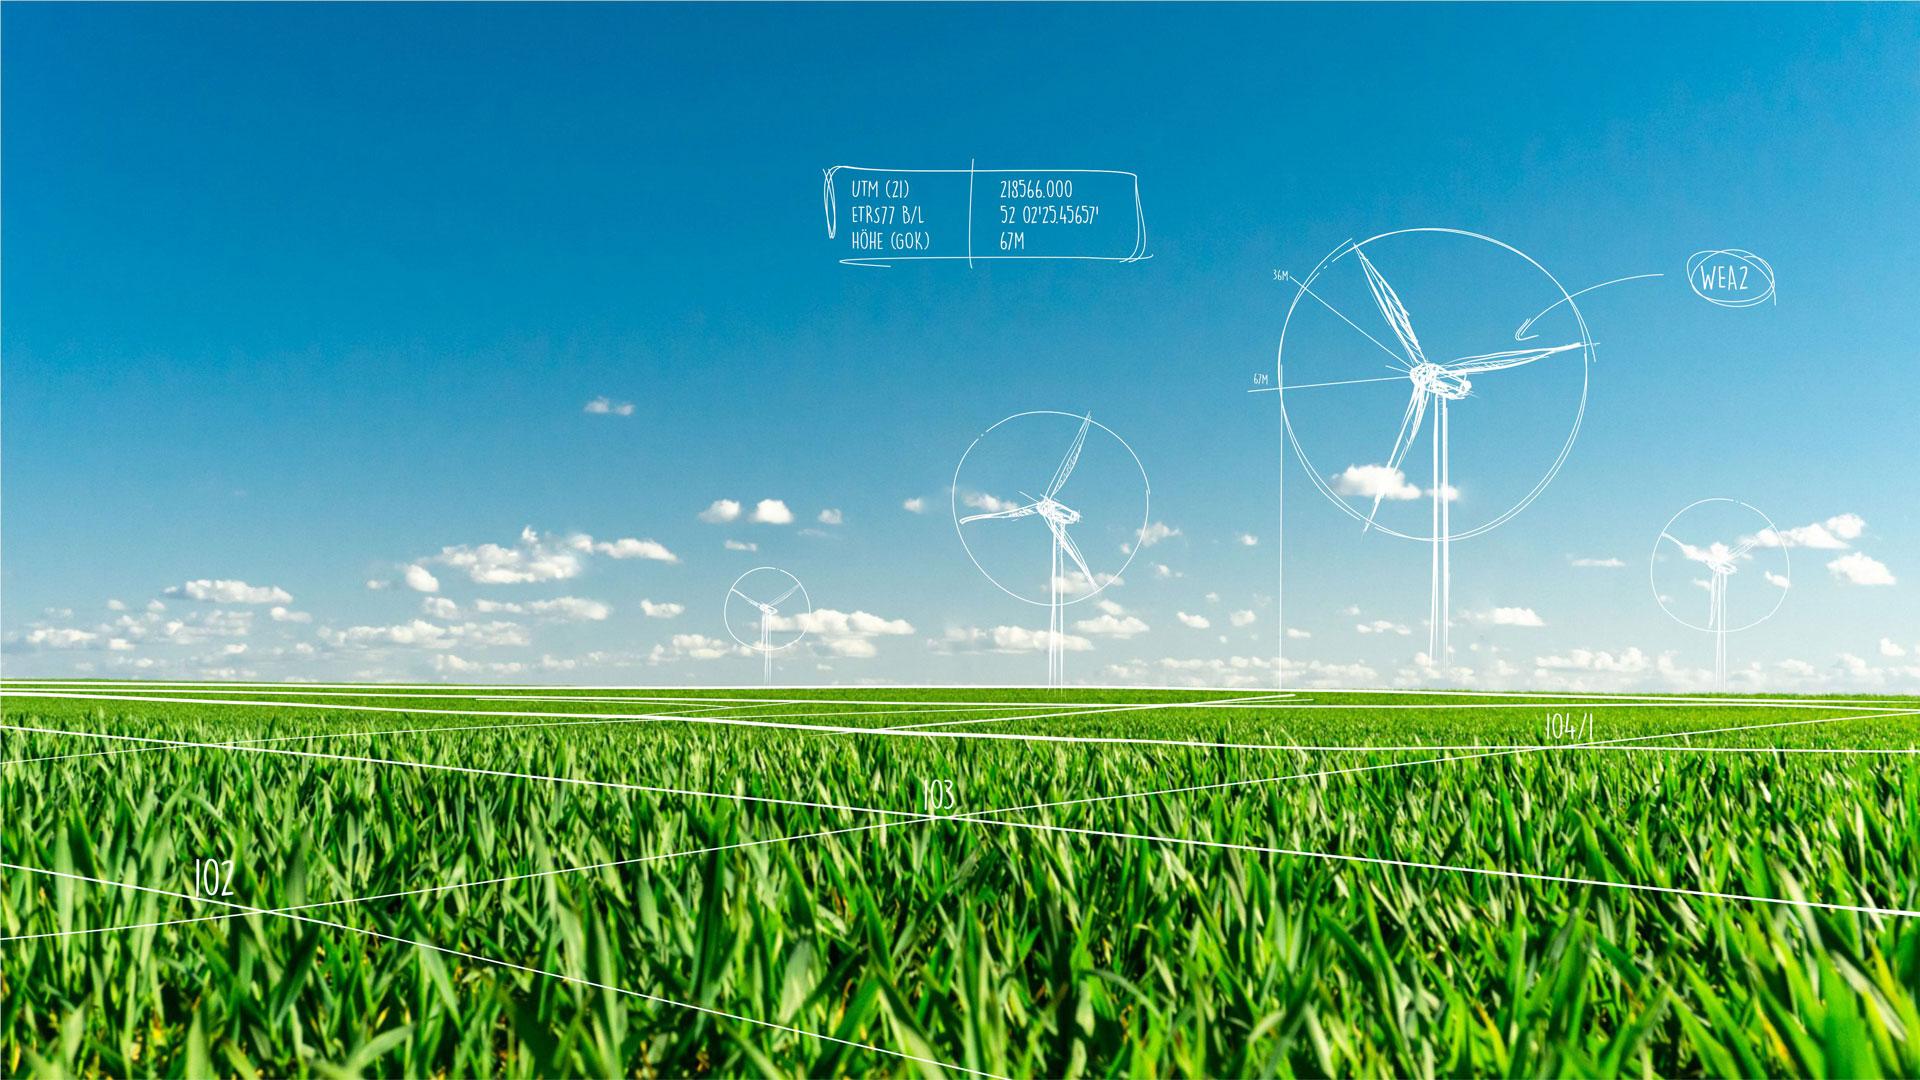 Eine grünes Feld, blauer Himmel und skizzierte Windkraftanlagen.